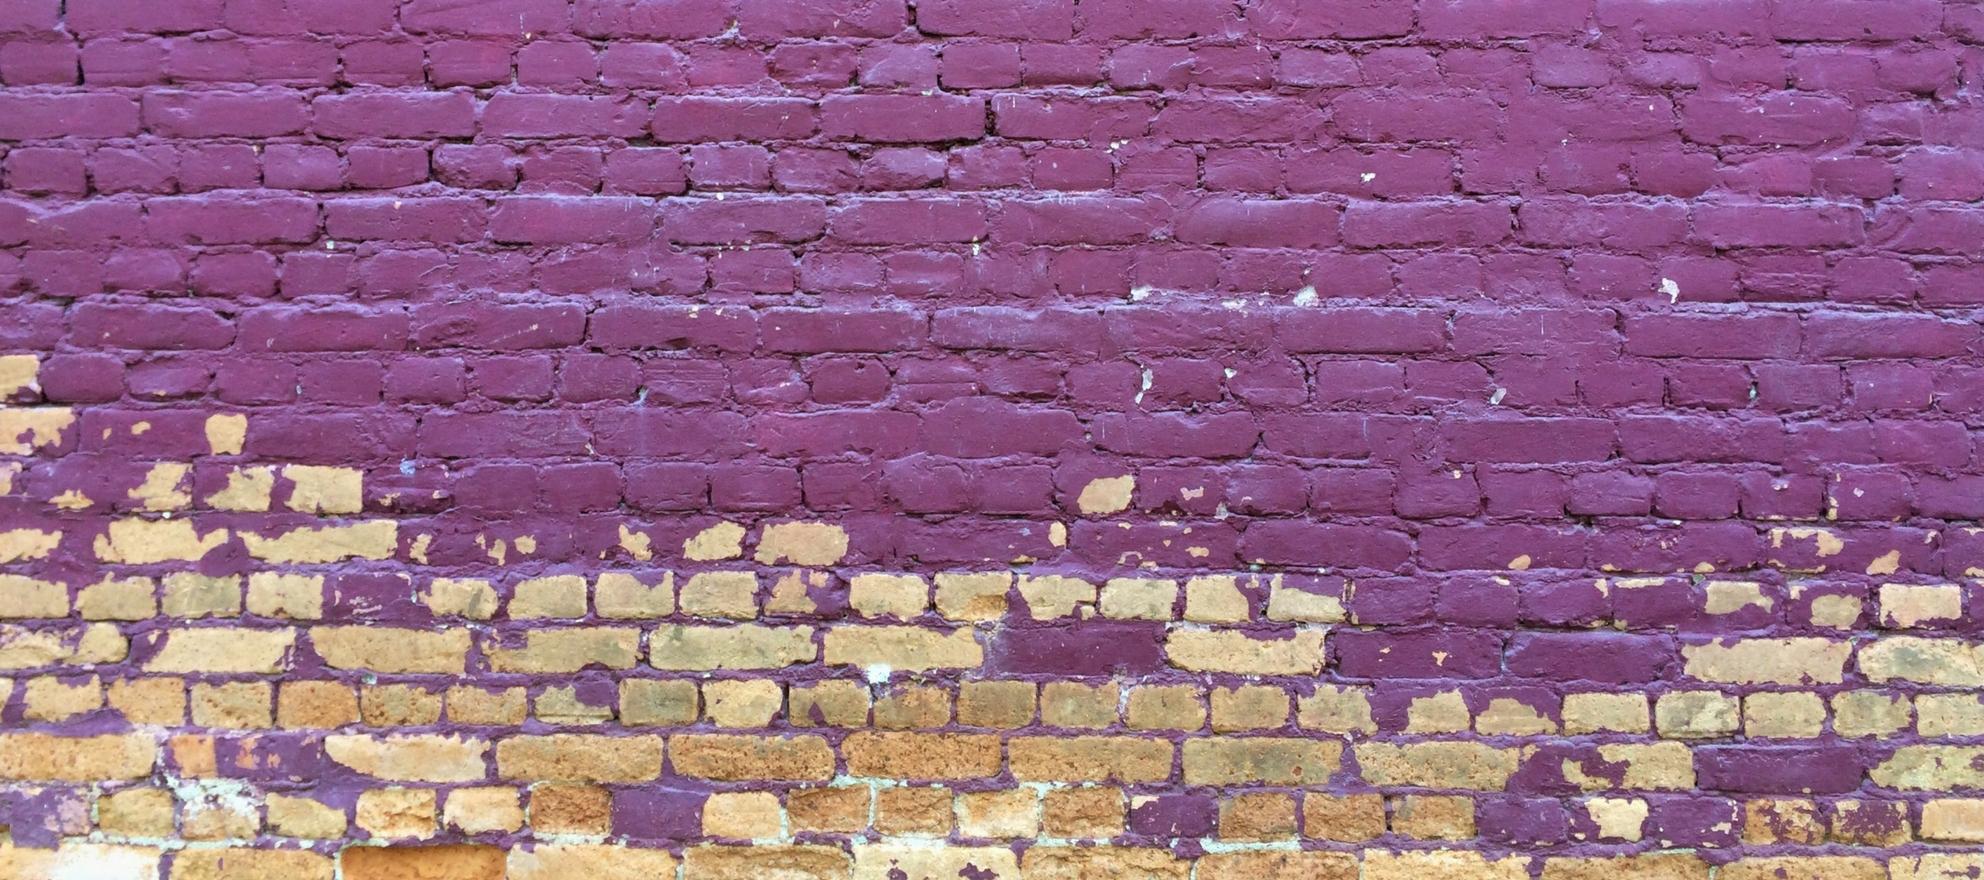 purplebricks u.s.